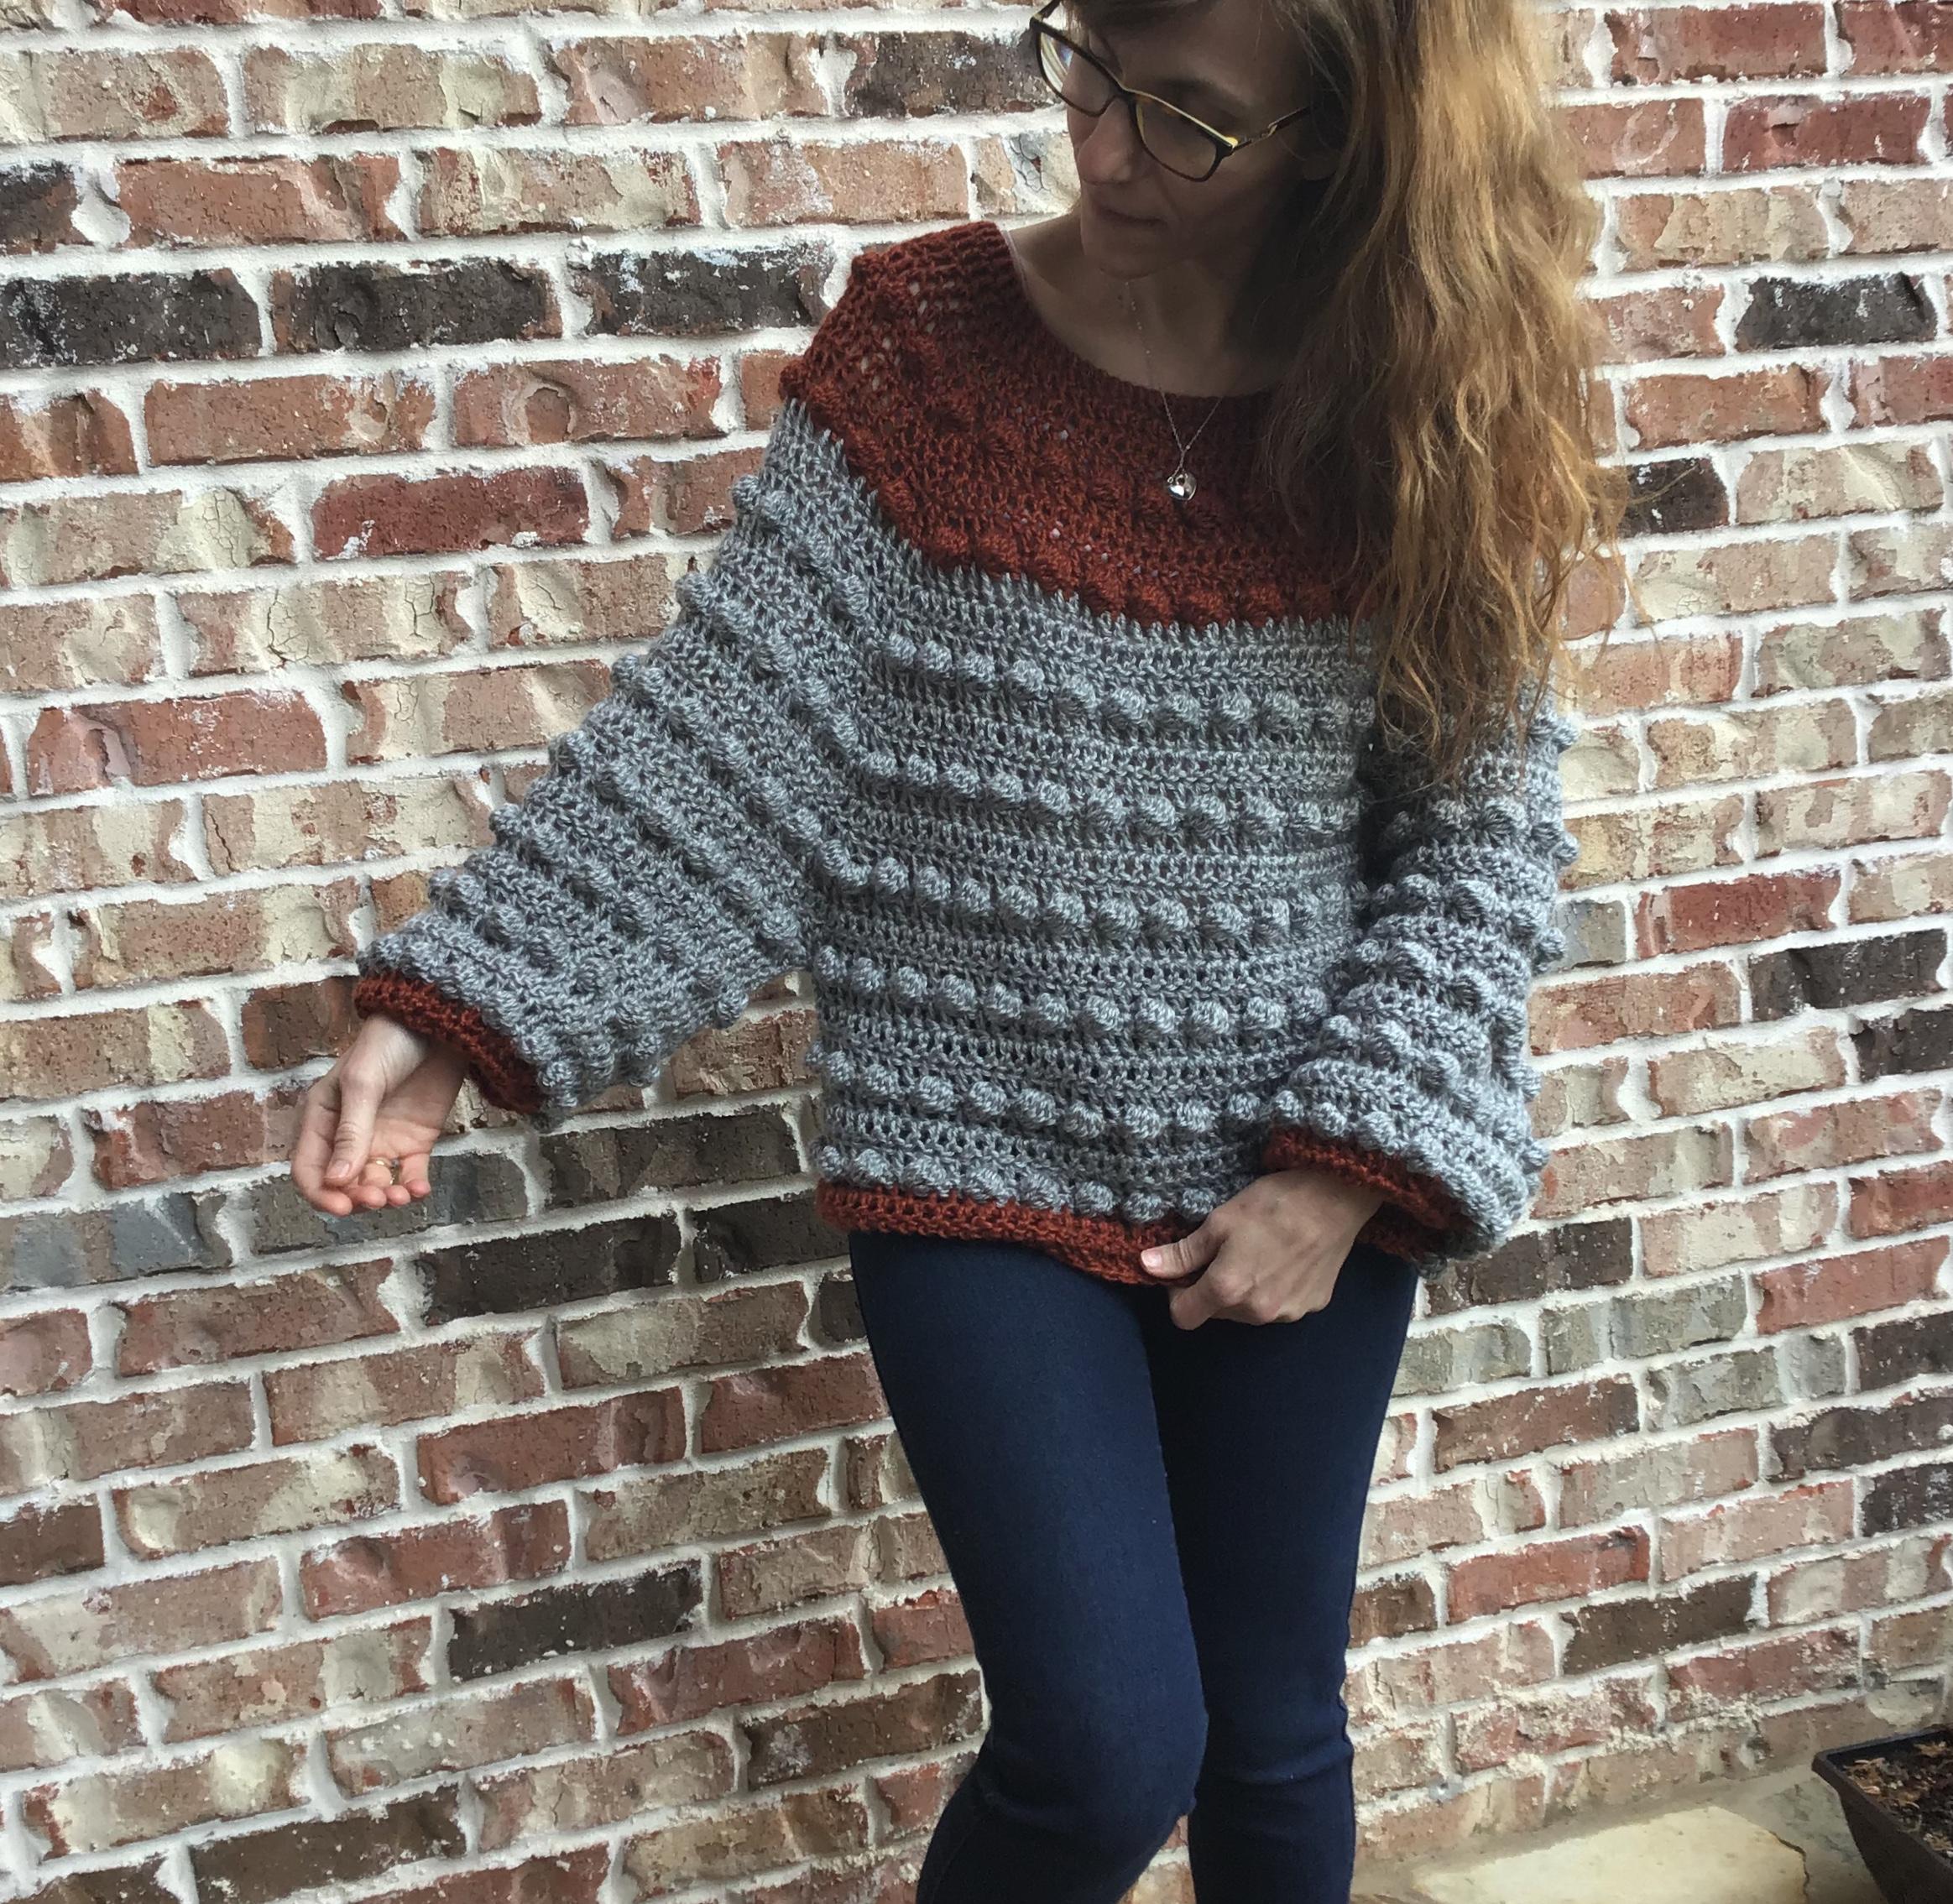 Claudia of @crochetaladia